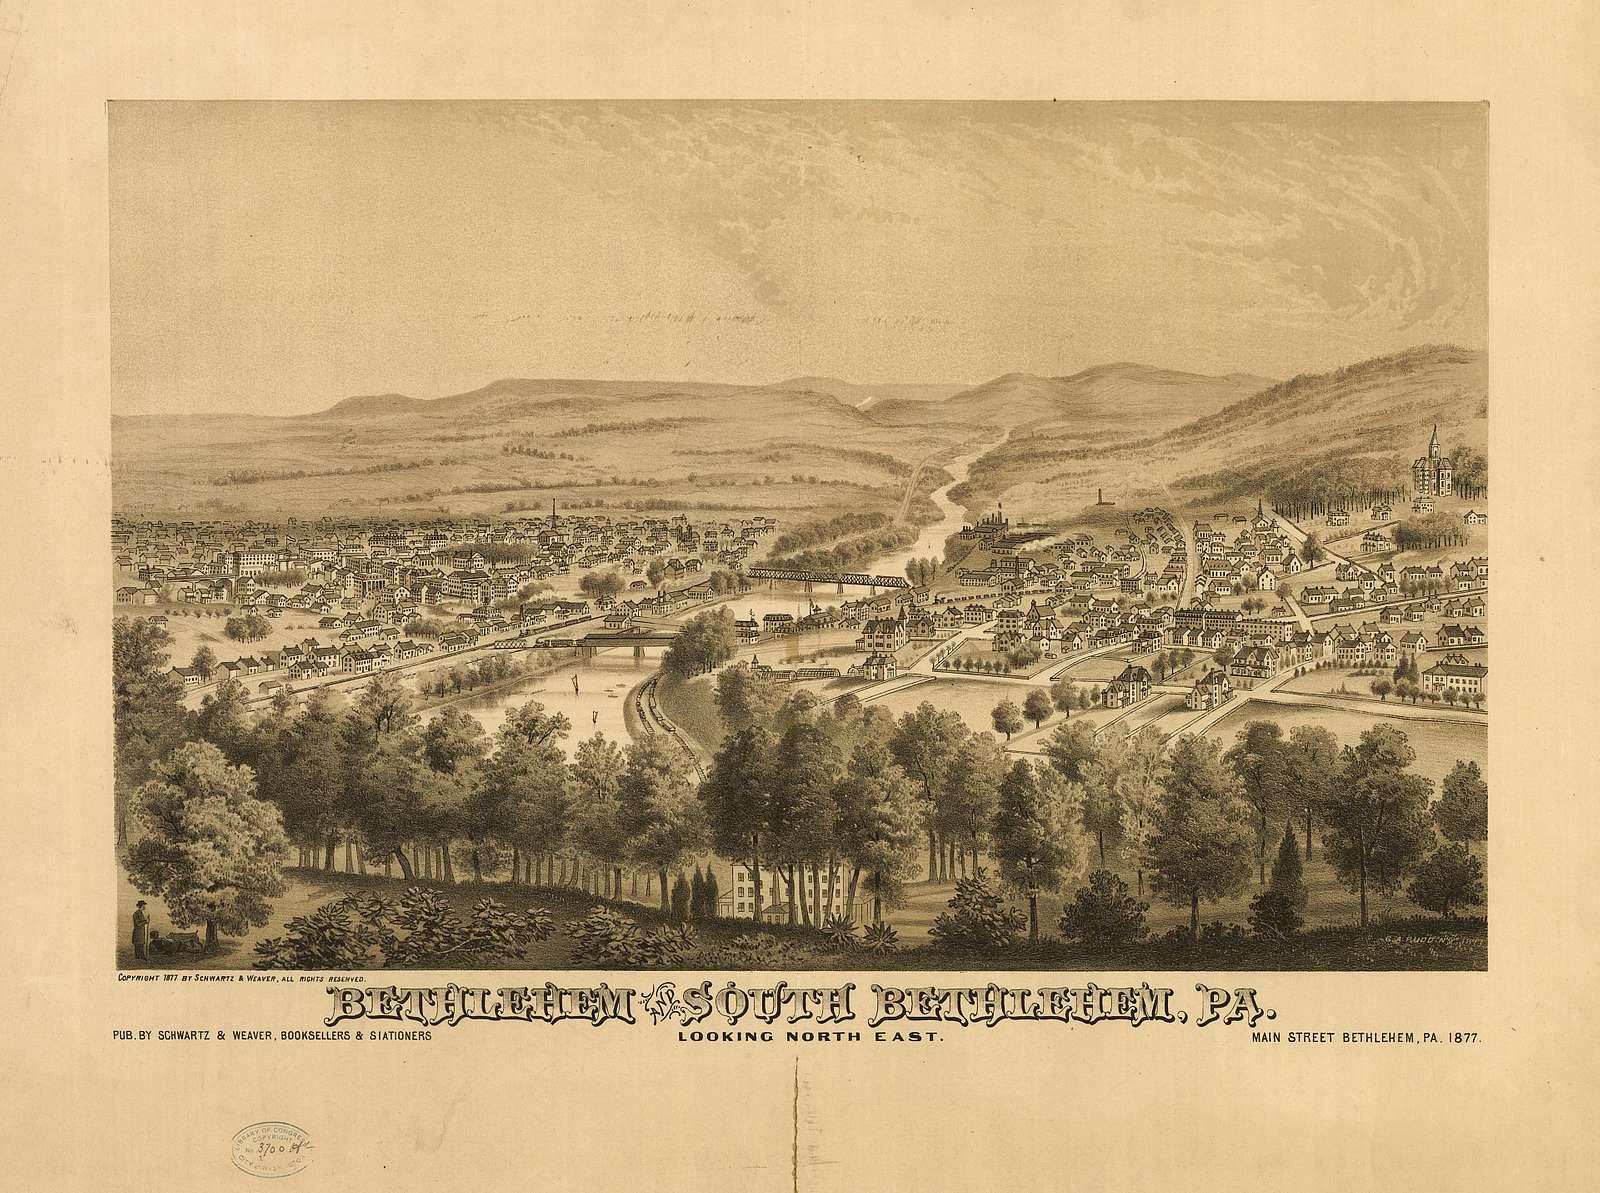 Bethlehem and South Bethlehem, Pa. Looking north east / / G.A. Rudd, N.Y. 1877.